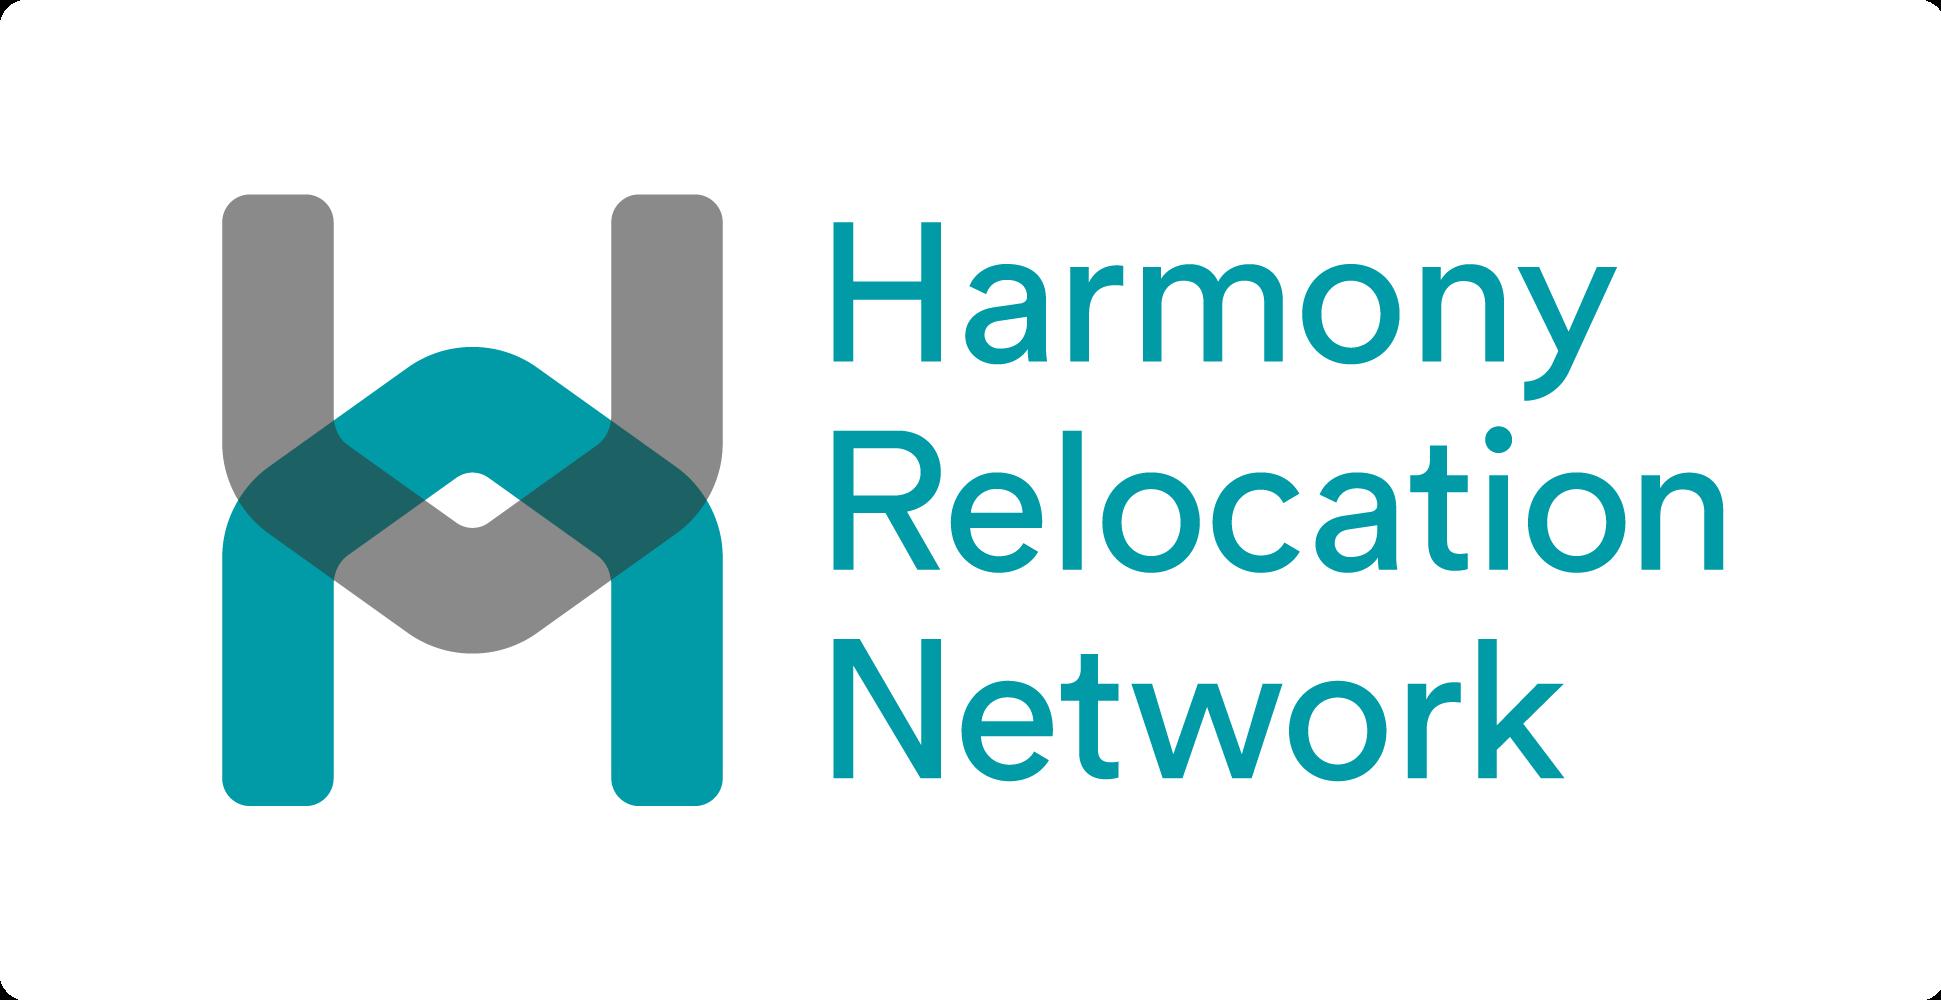 Harmony Relocation